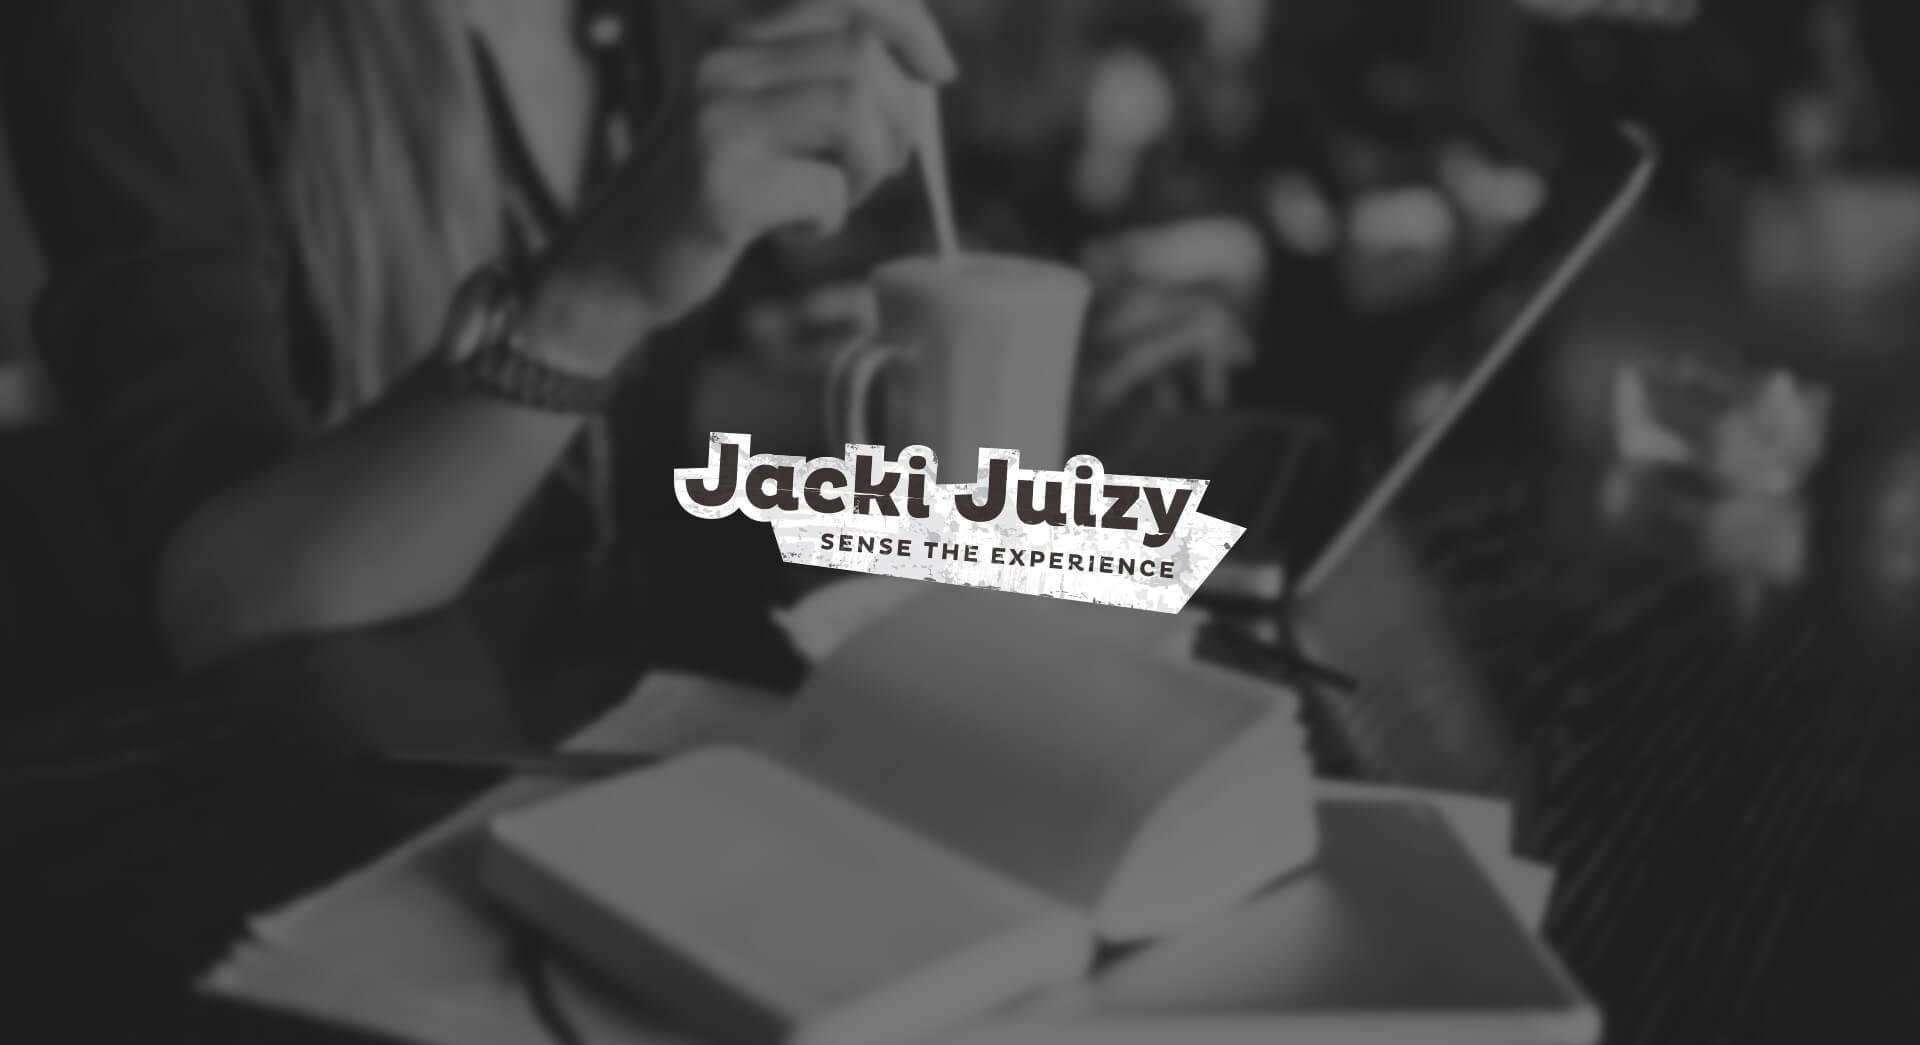 Jacki Juizy